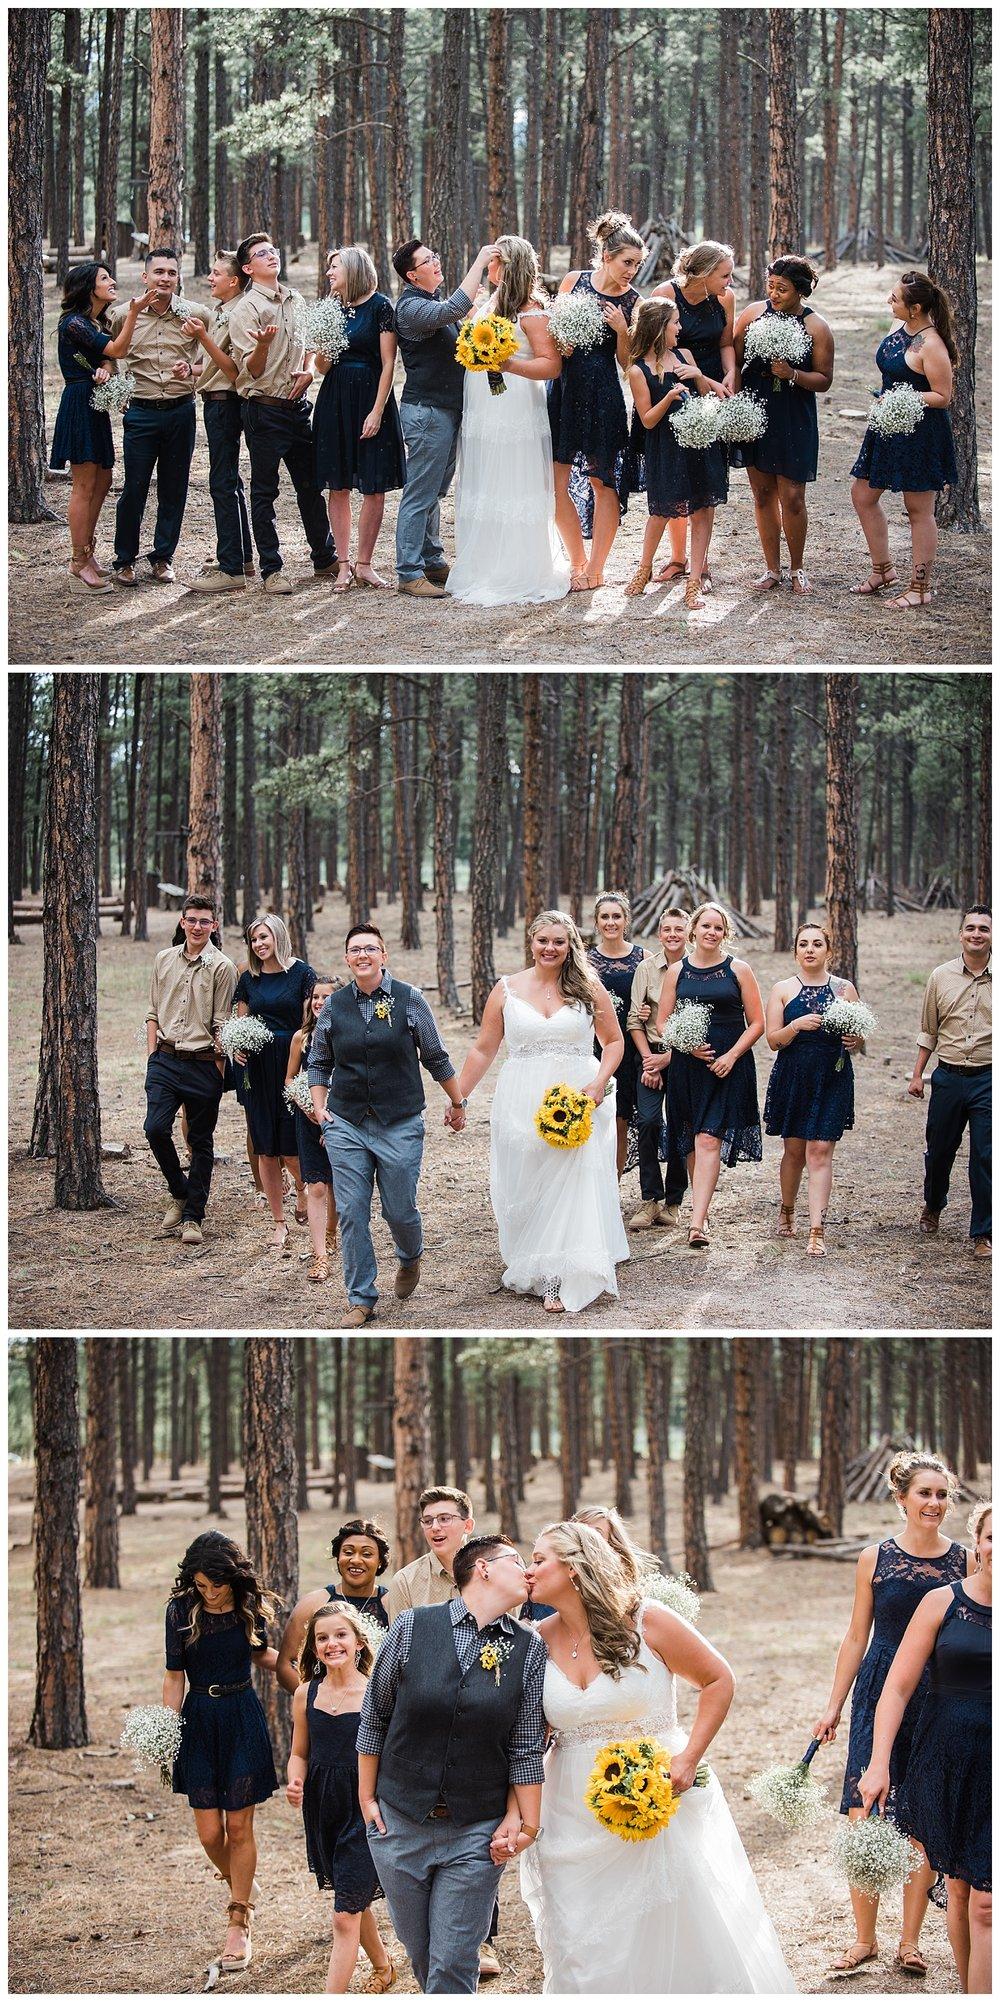 La_Floret_Wedding_Venue_CO_Springs_Colorado_Weddings_Apollo_Fields_026.jpg